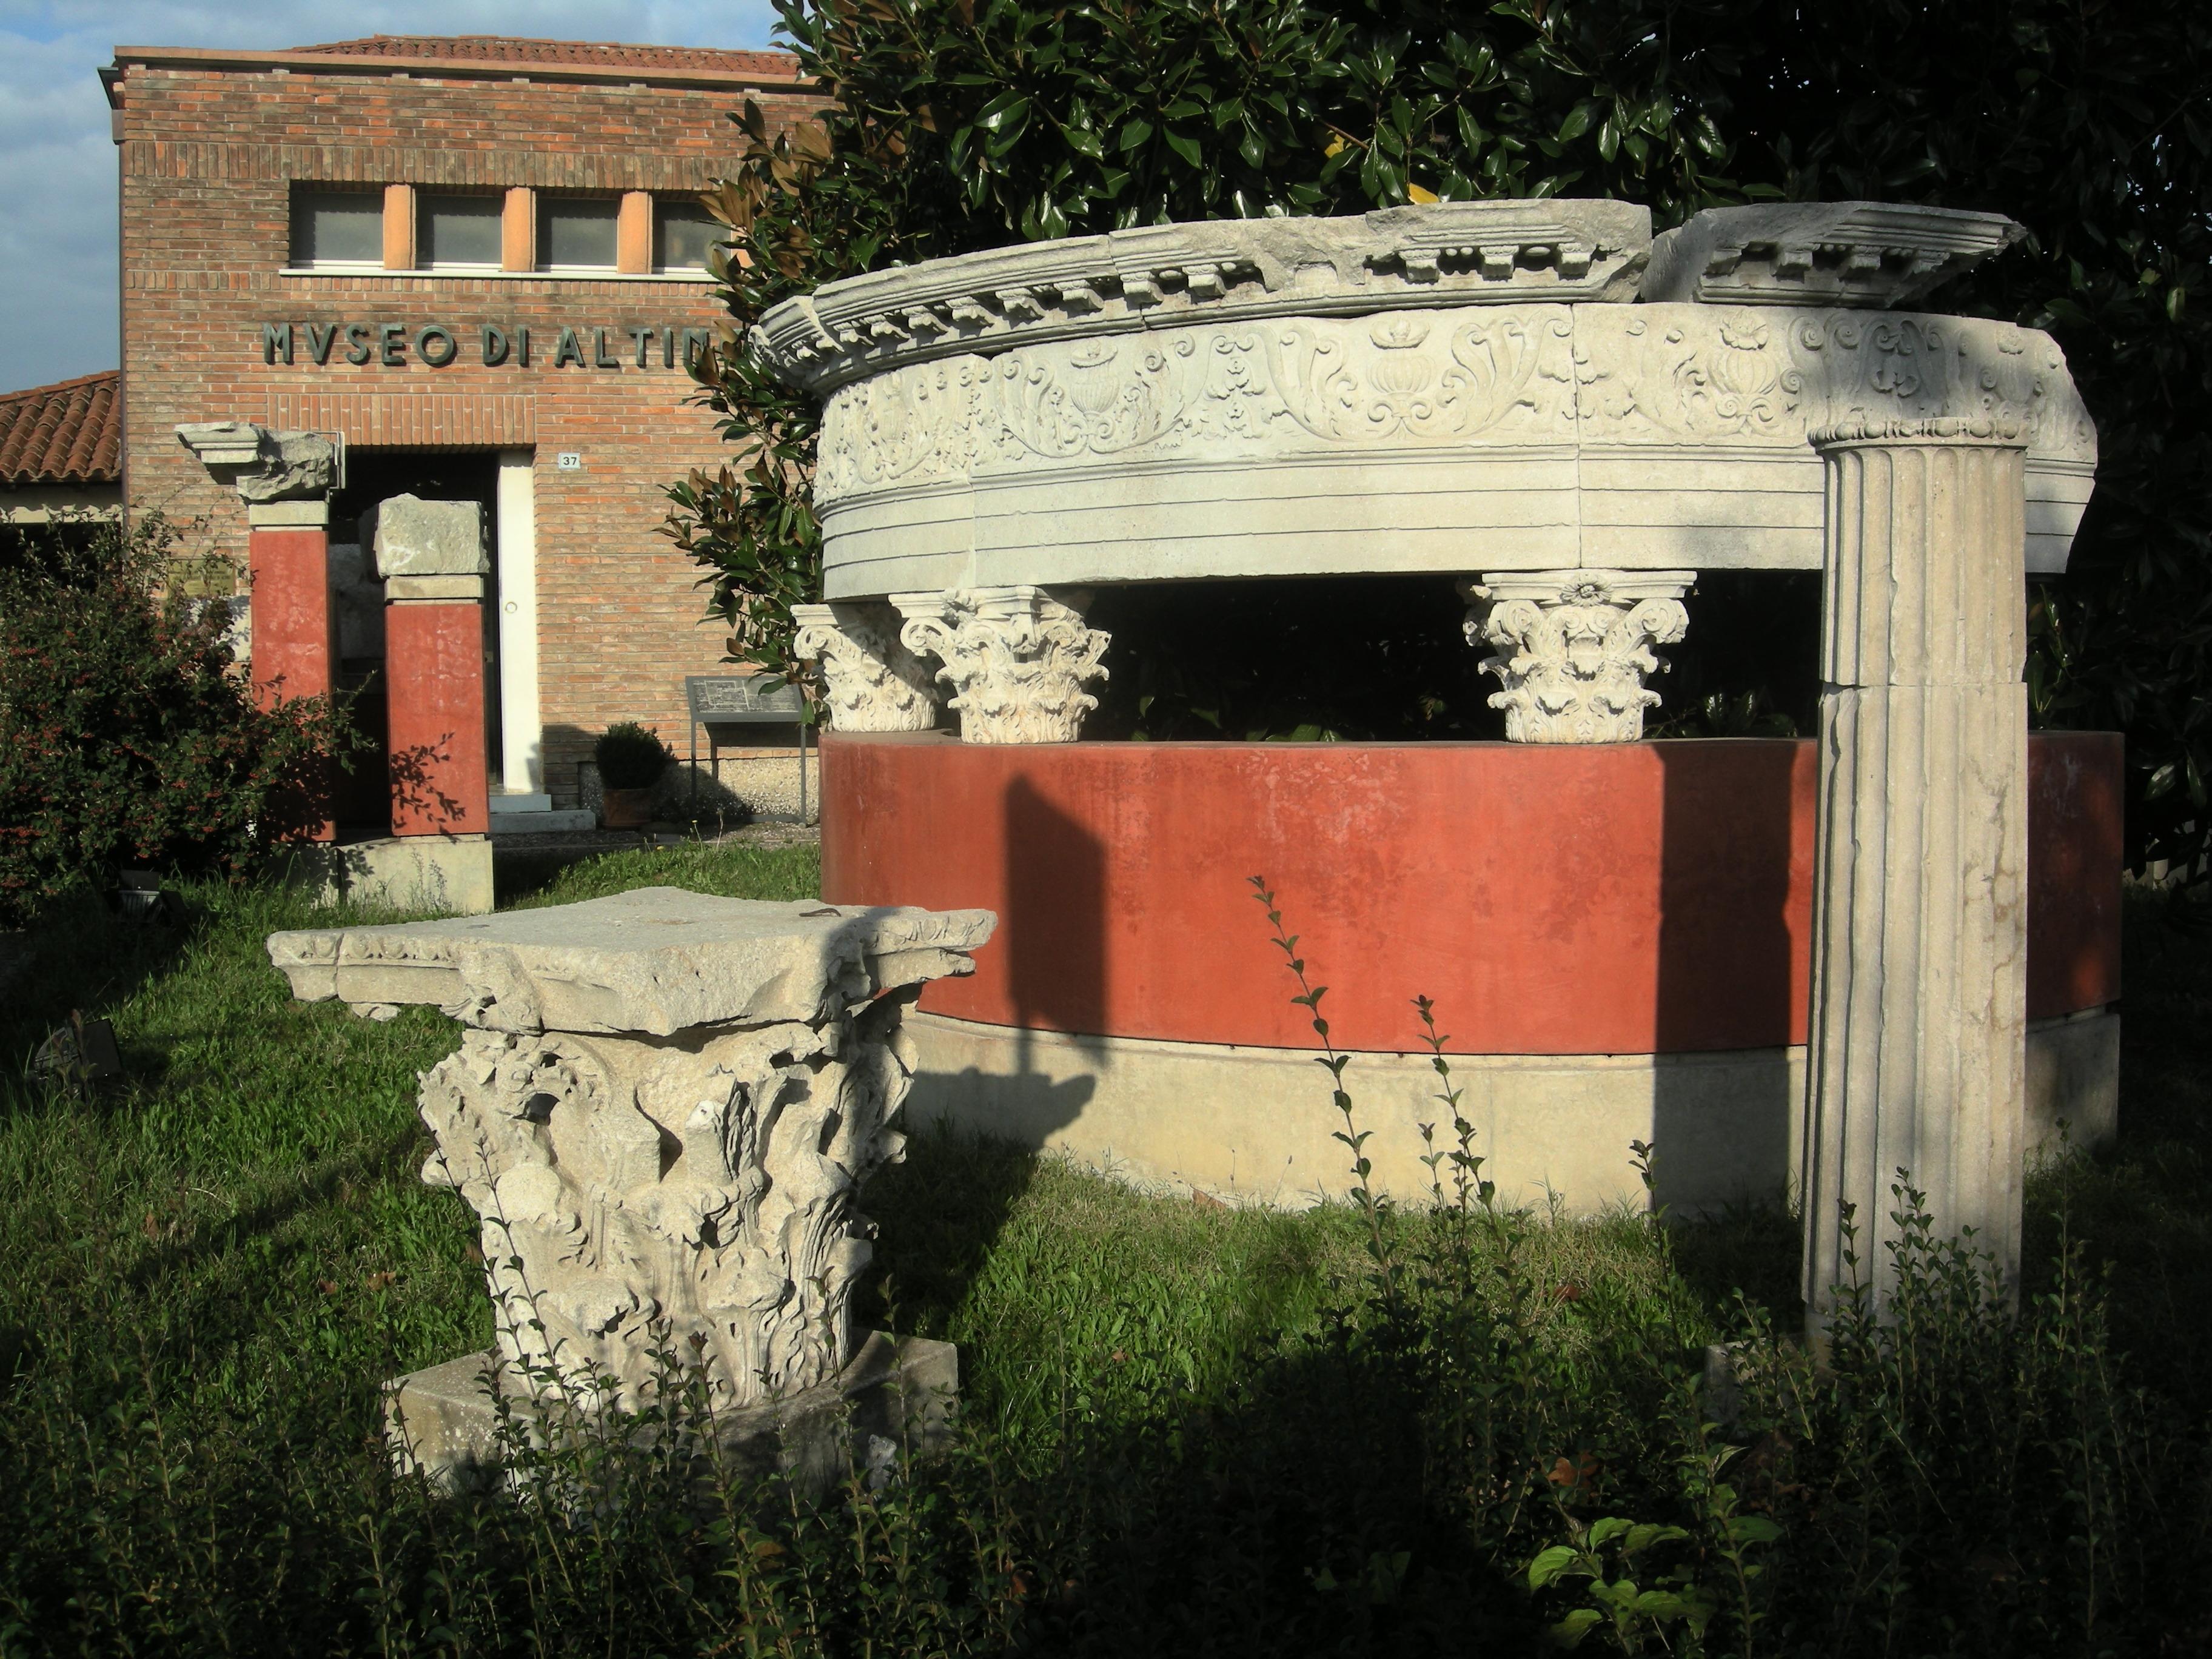 Museo archeologico di Altino